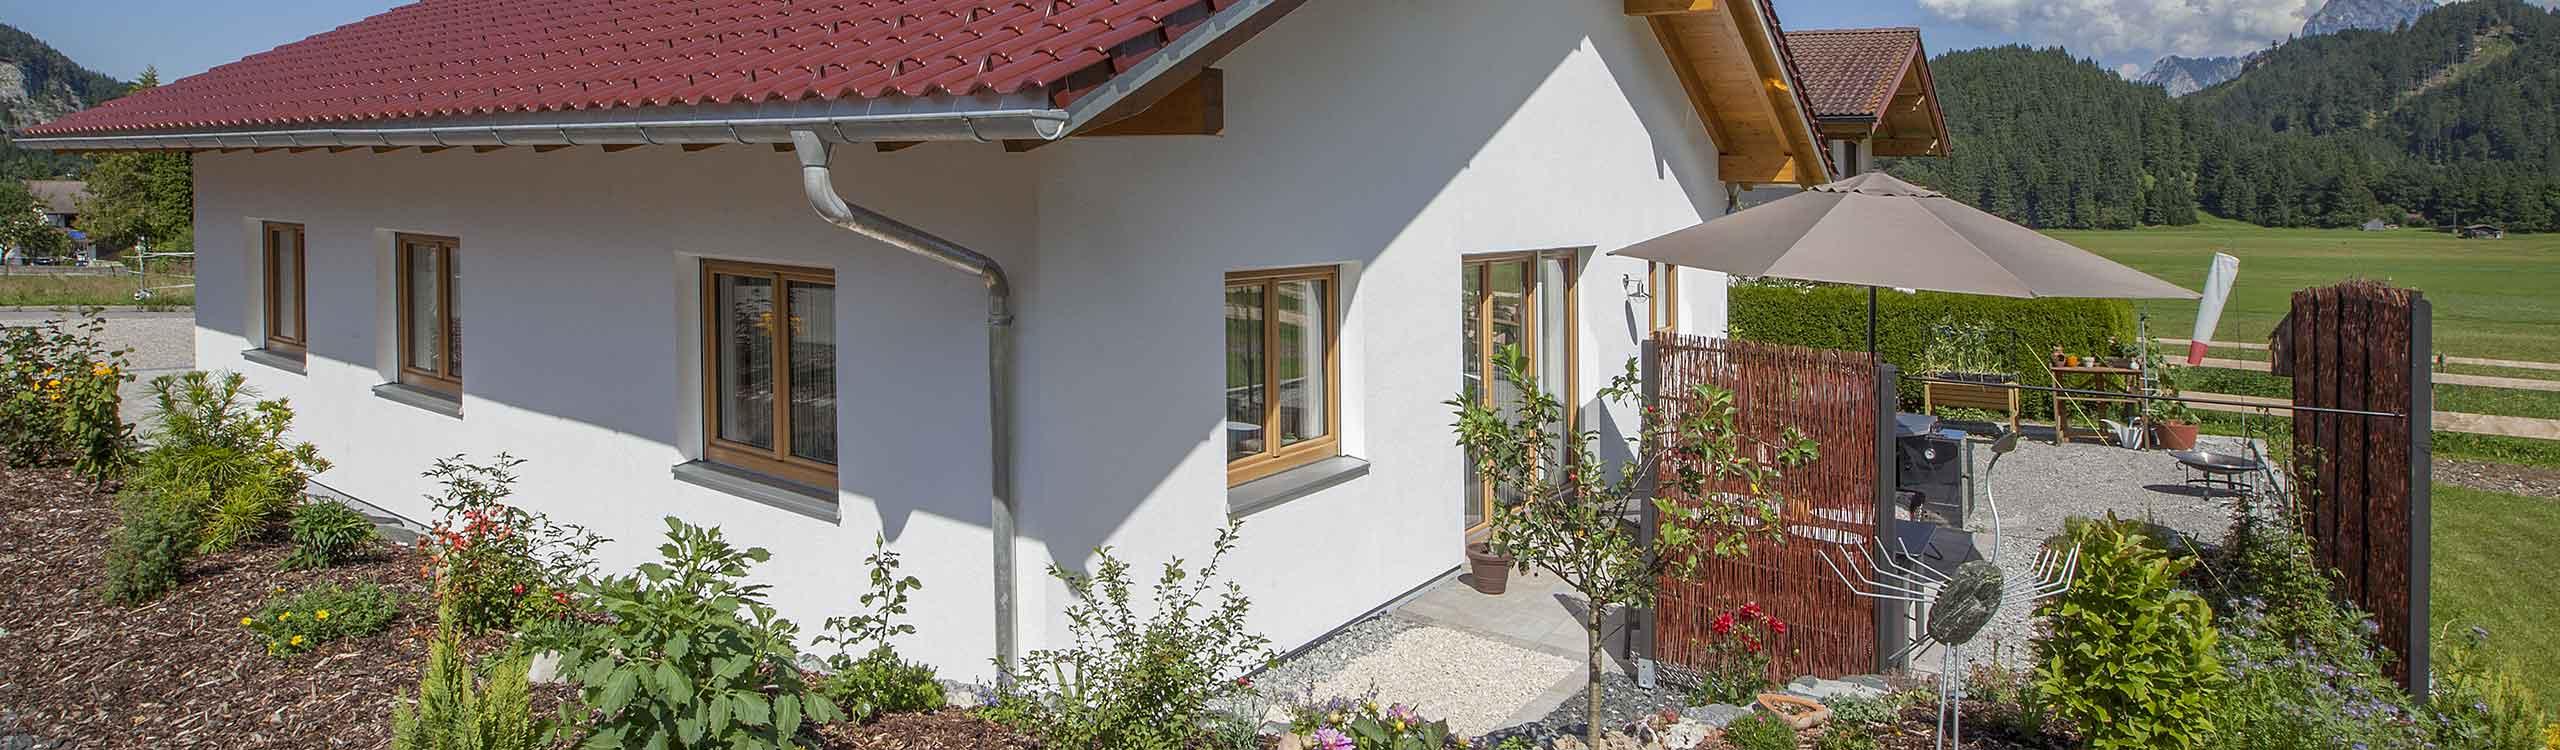 MB Holzbau GmbH - Referenzen